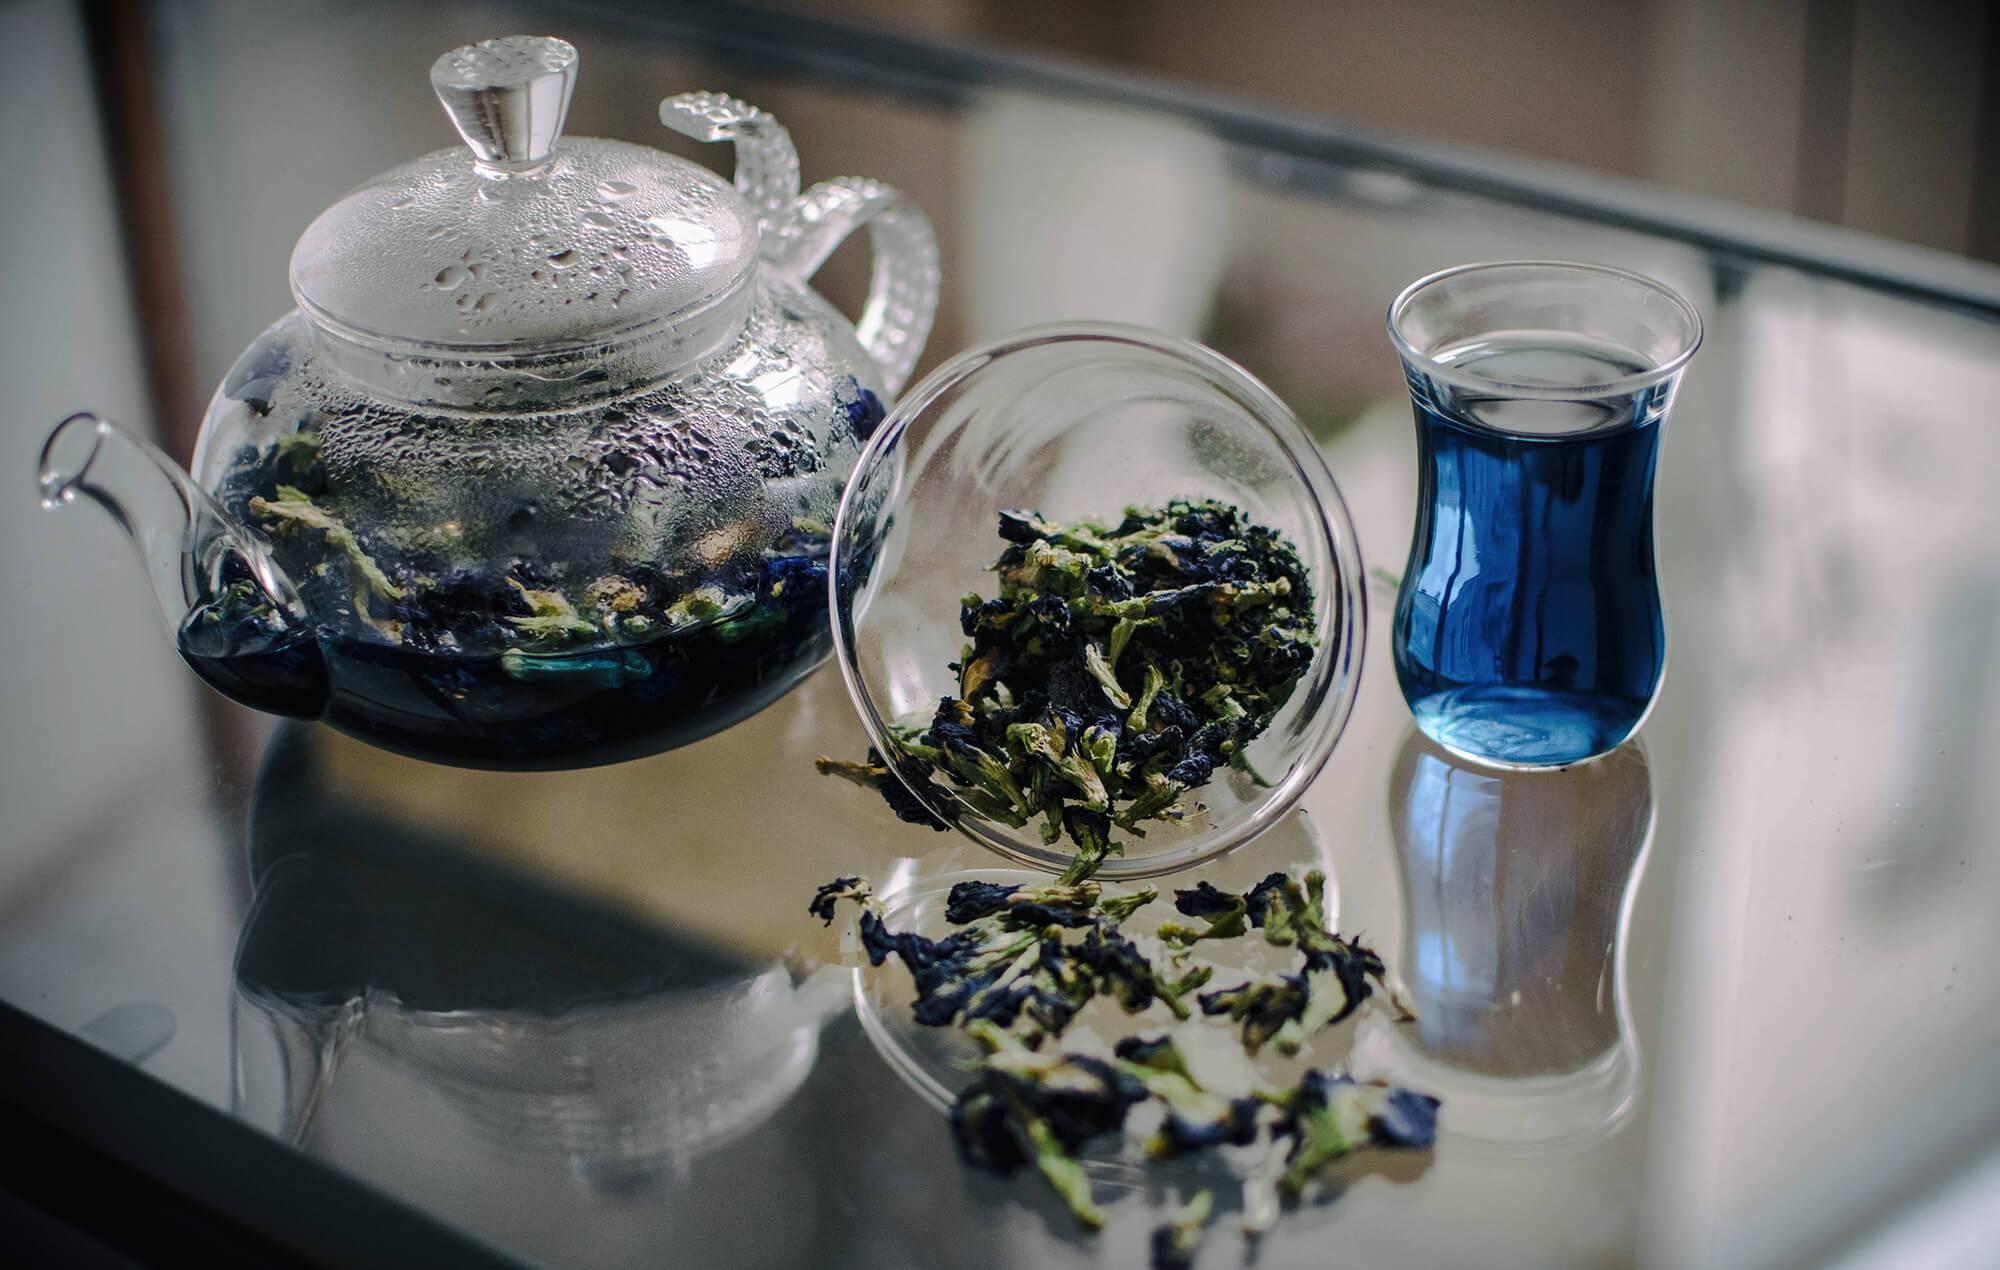 Синий чай: полезные свойства, как правильно заваривать | компетентно о здоровье на ilive